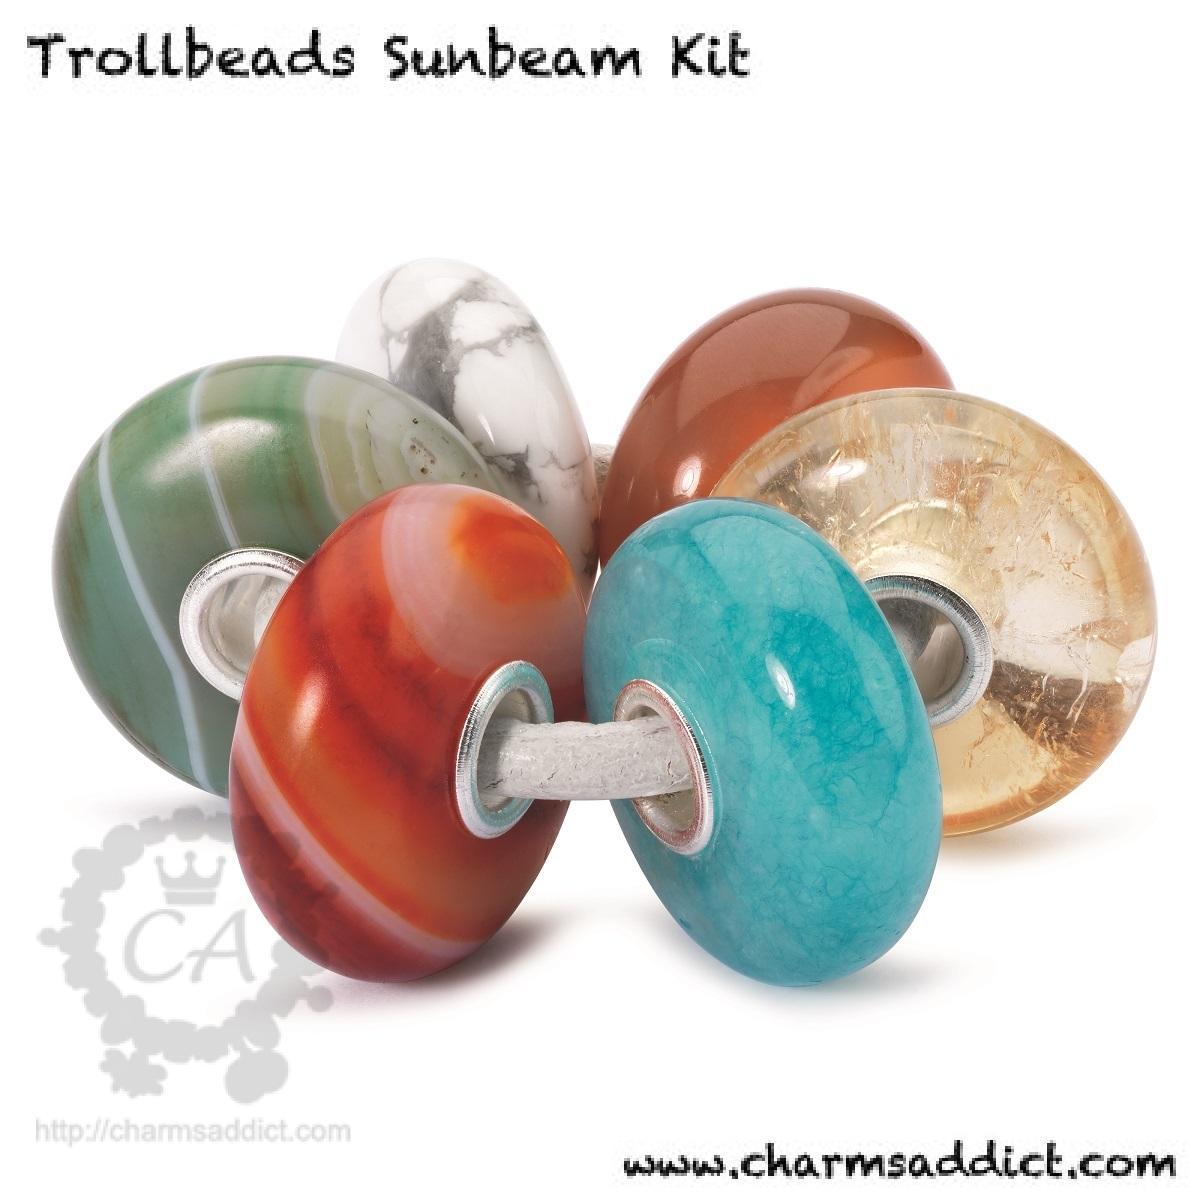 Trollbeads LE Sunbeam Kit Details